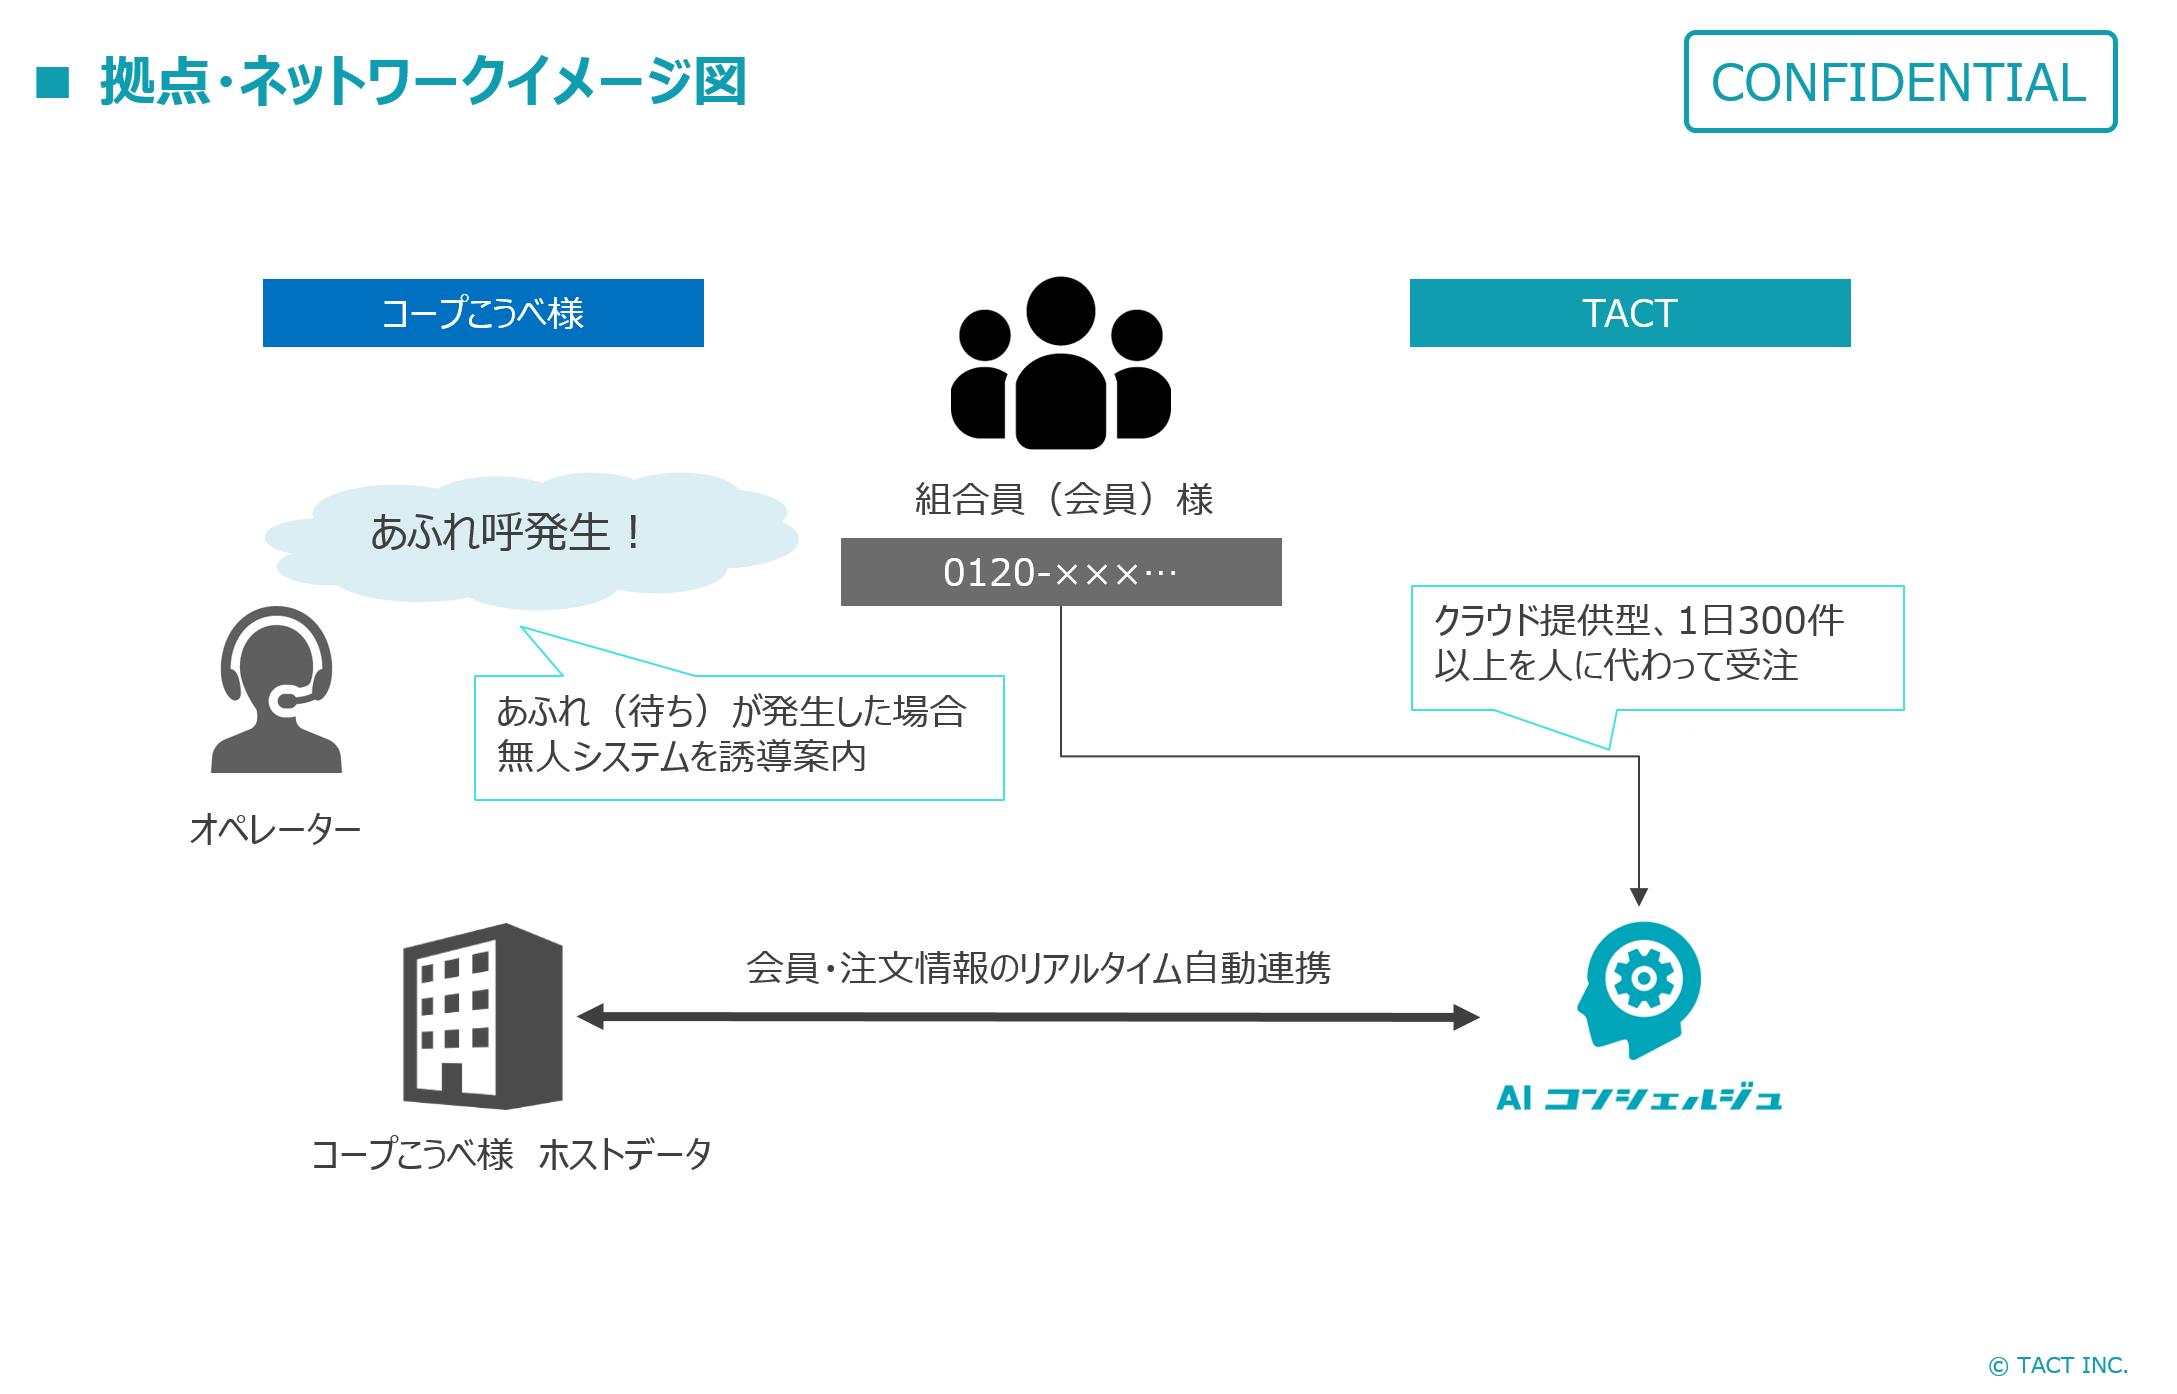 拠点・ネットワークイメージ図